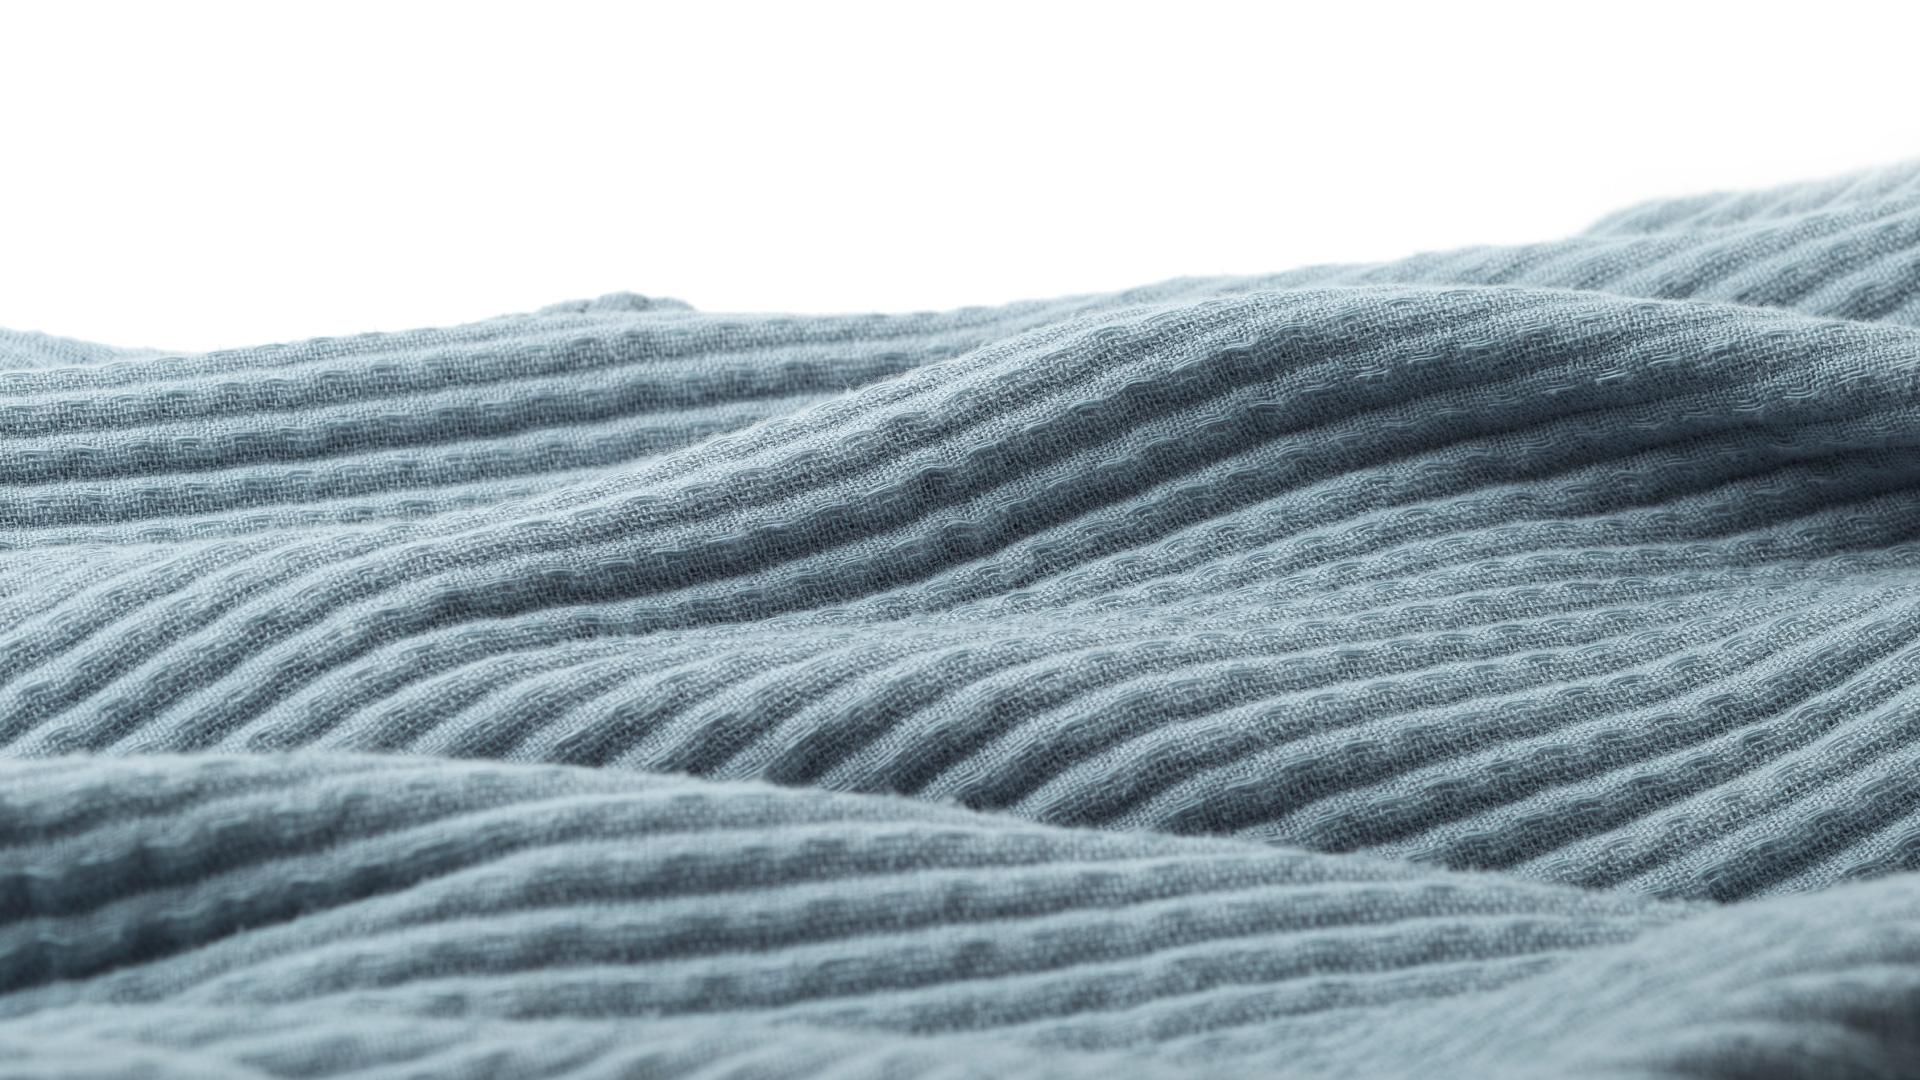 中层织入的蓬松超细羽丝绒线能容纳更多空气,快速散发潮热湿气,帮助自动调节体感温度到最适宜状态,盖上身,不经意就甩掉了夏秋的燥。